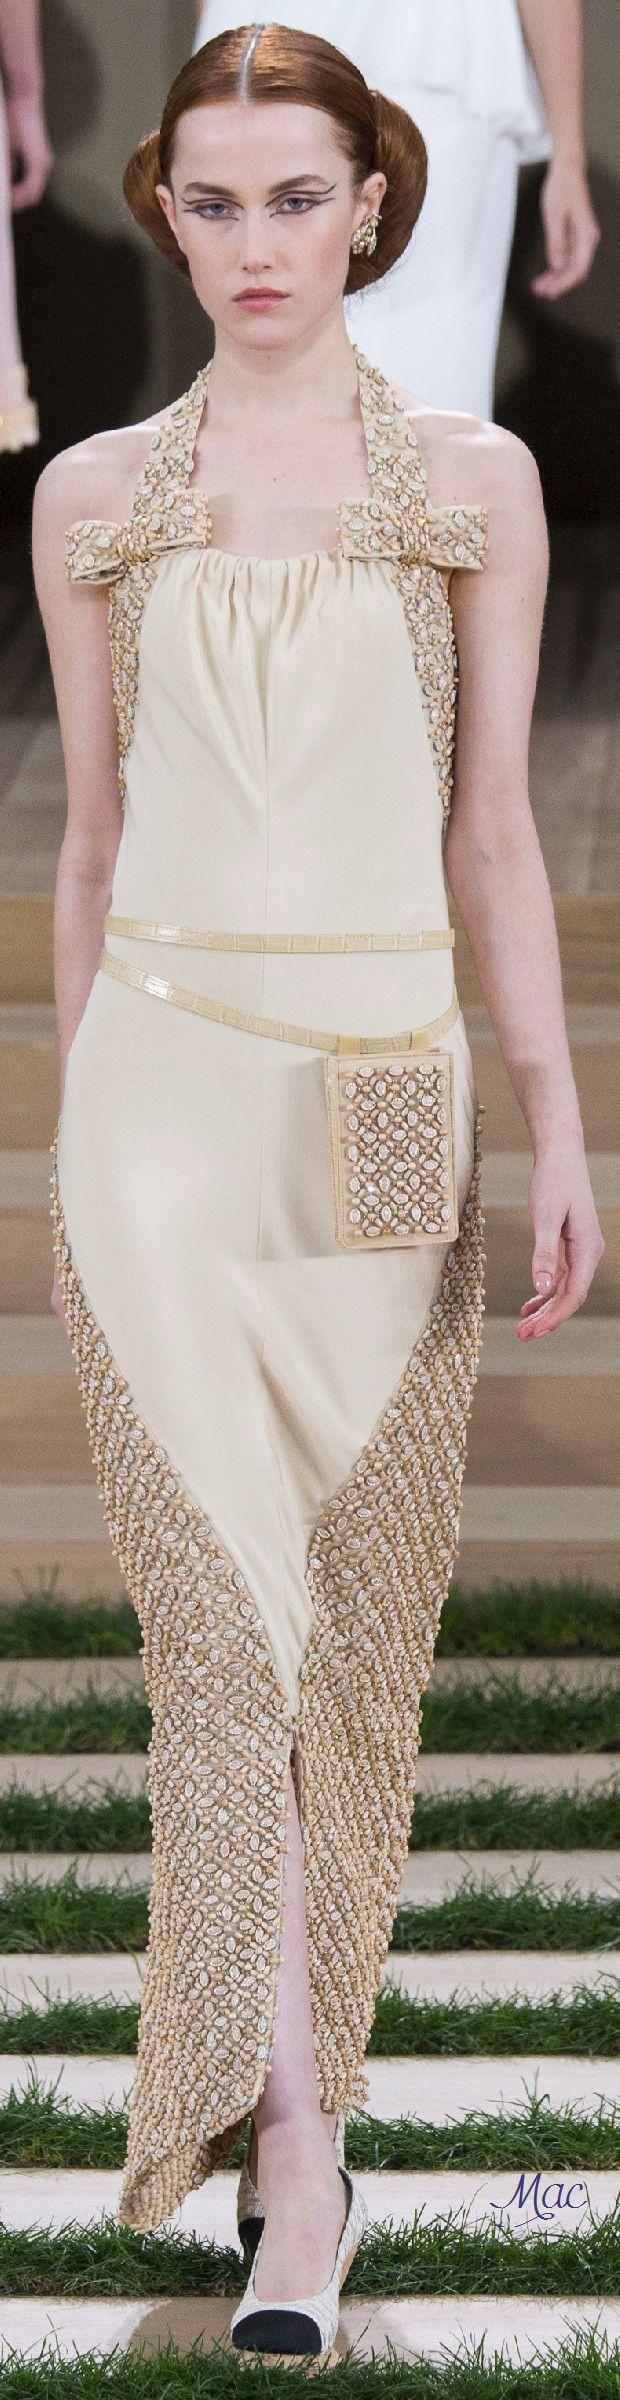 Primavera 2016 Alta Costura Chanel -  /  Spring 2016 Haute Couture Chanel -